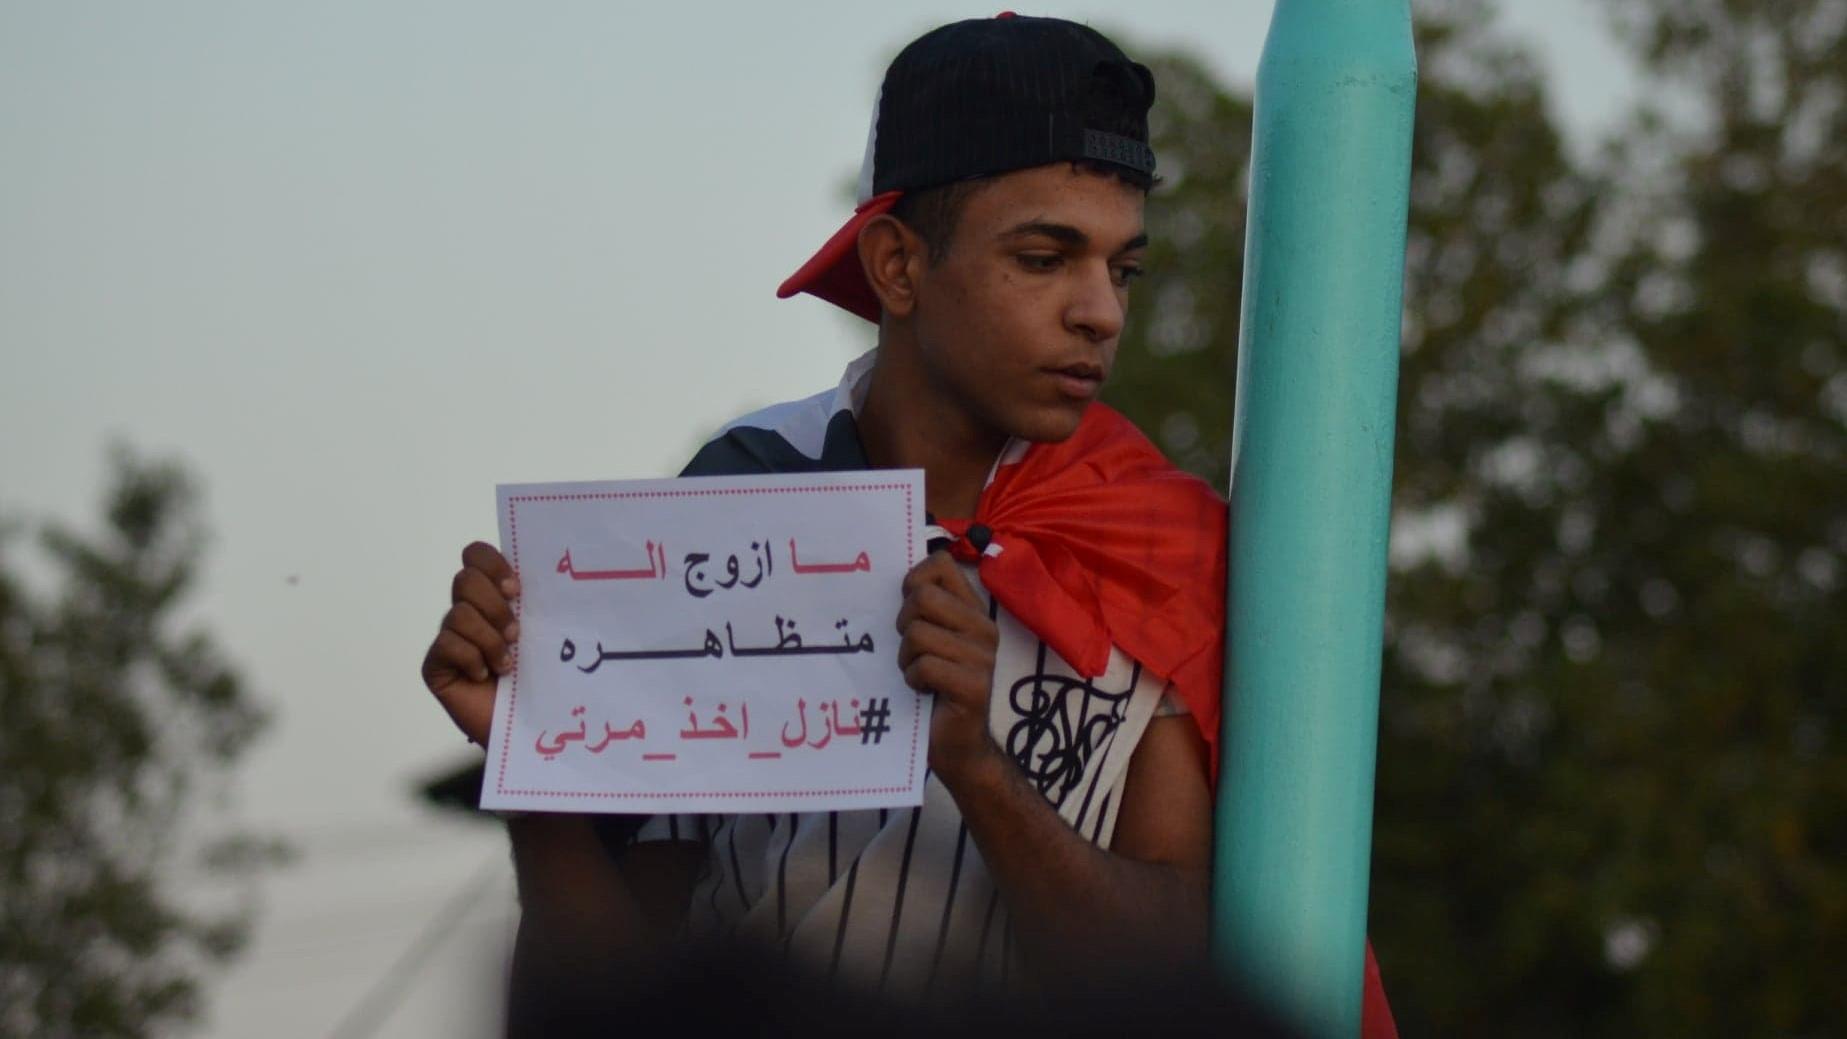 """لمحات من تظاهرات الديوانية: اختيار شريك الحياة داخل ساحة الاحتجاج.. وحكومة العدس و""""المغذي"""""""